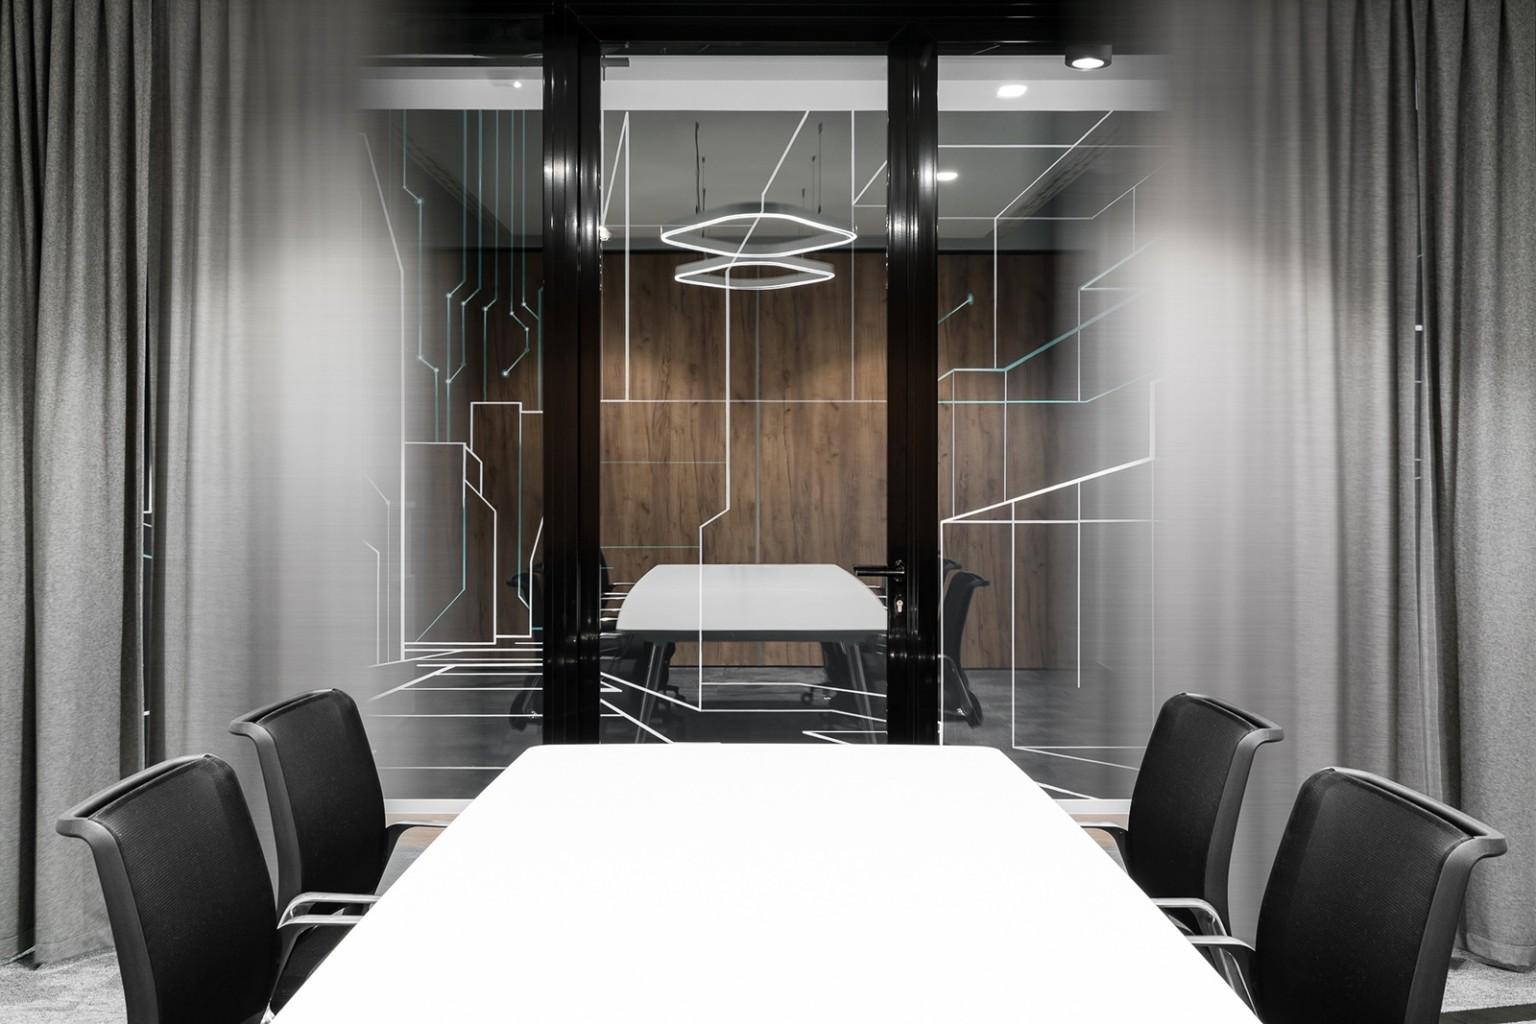 eset-office-krakow-11-768x512@2x.jpg